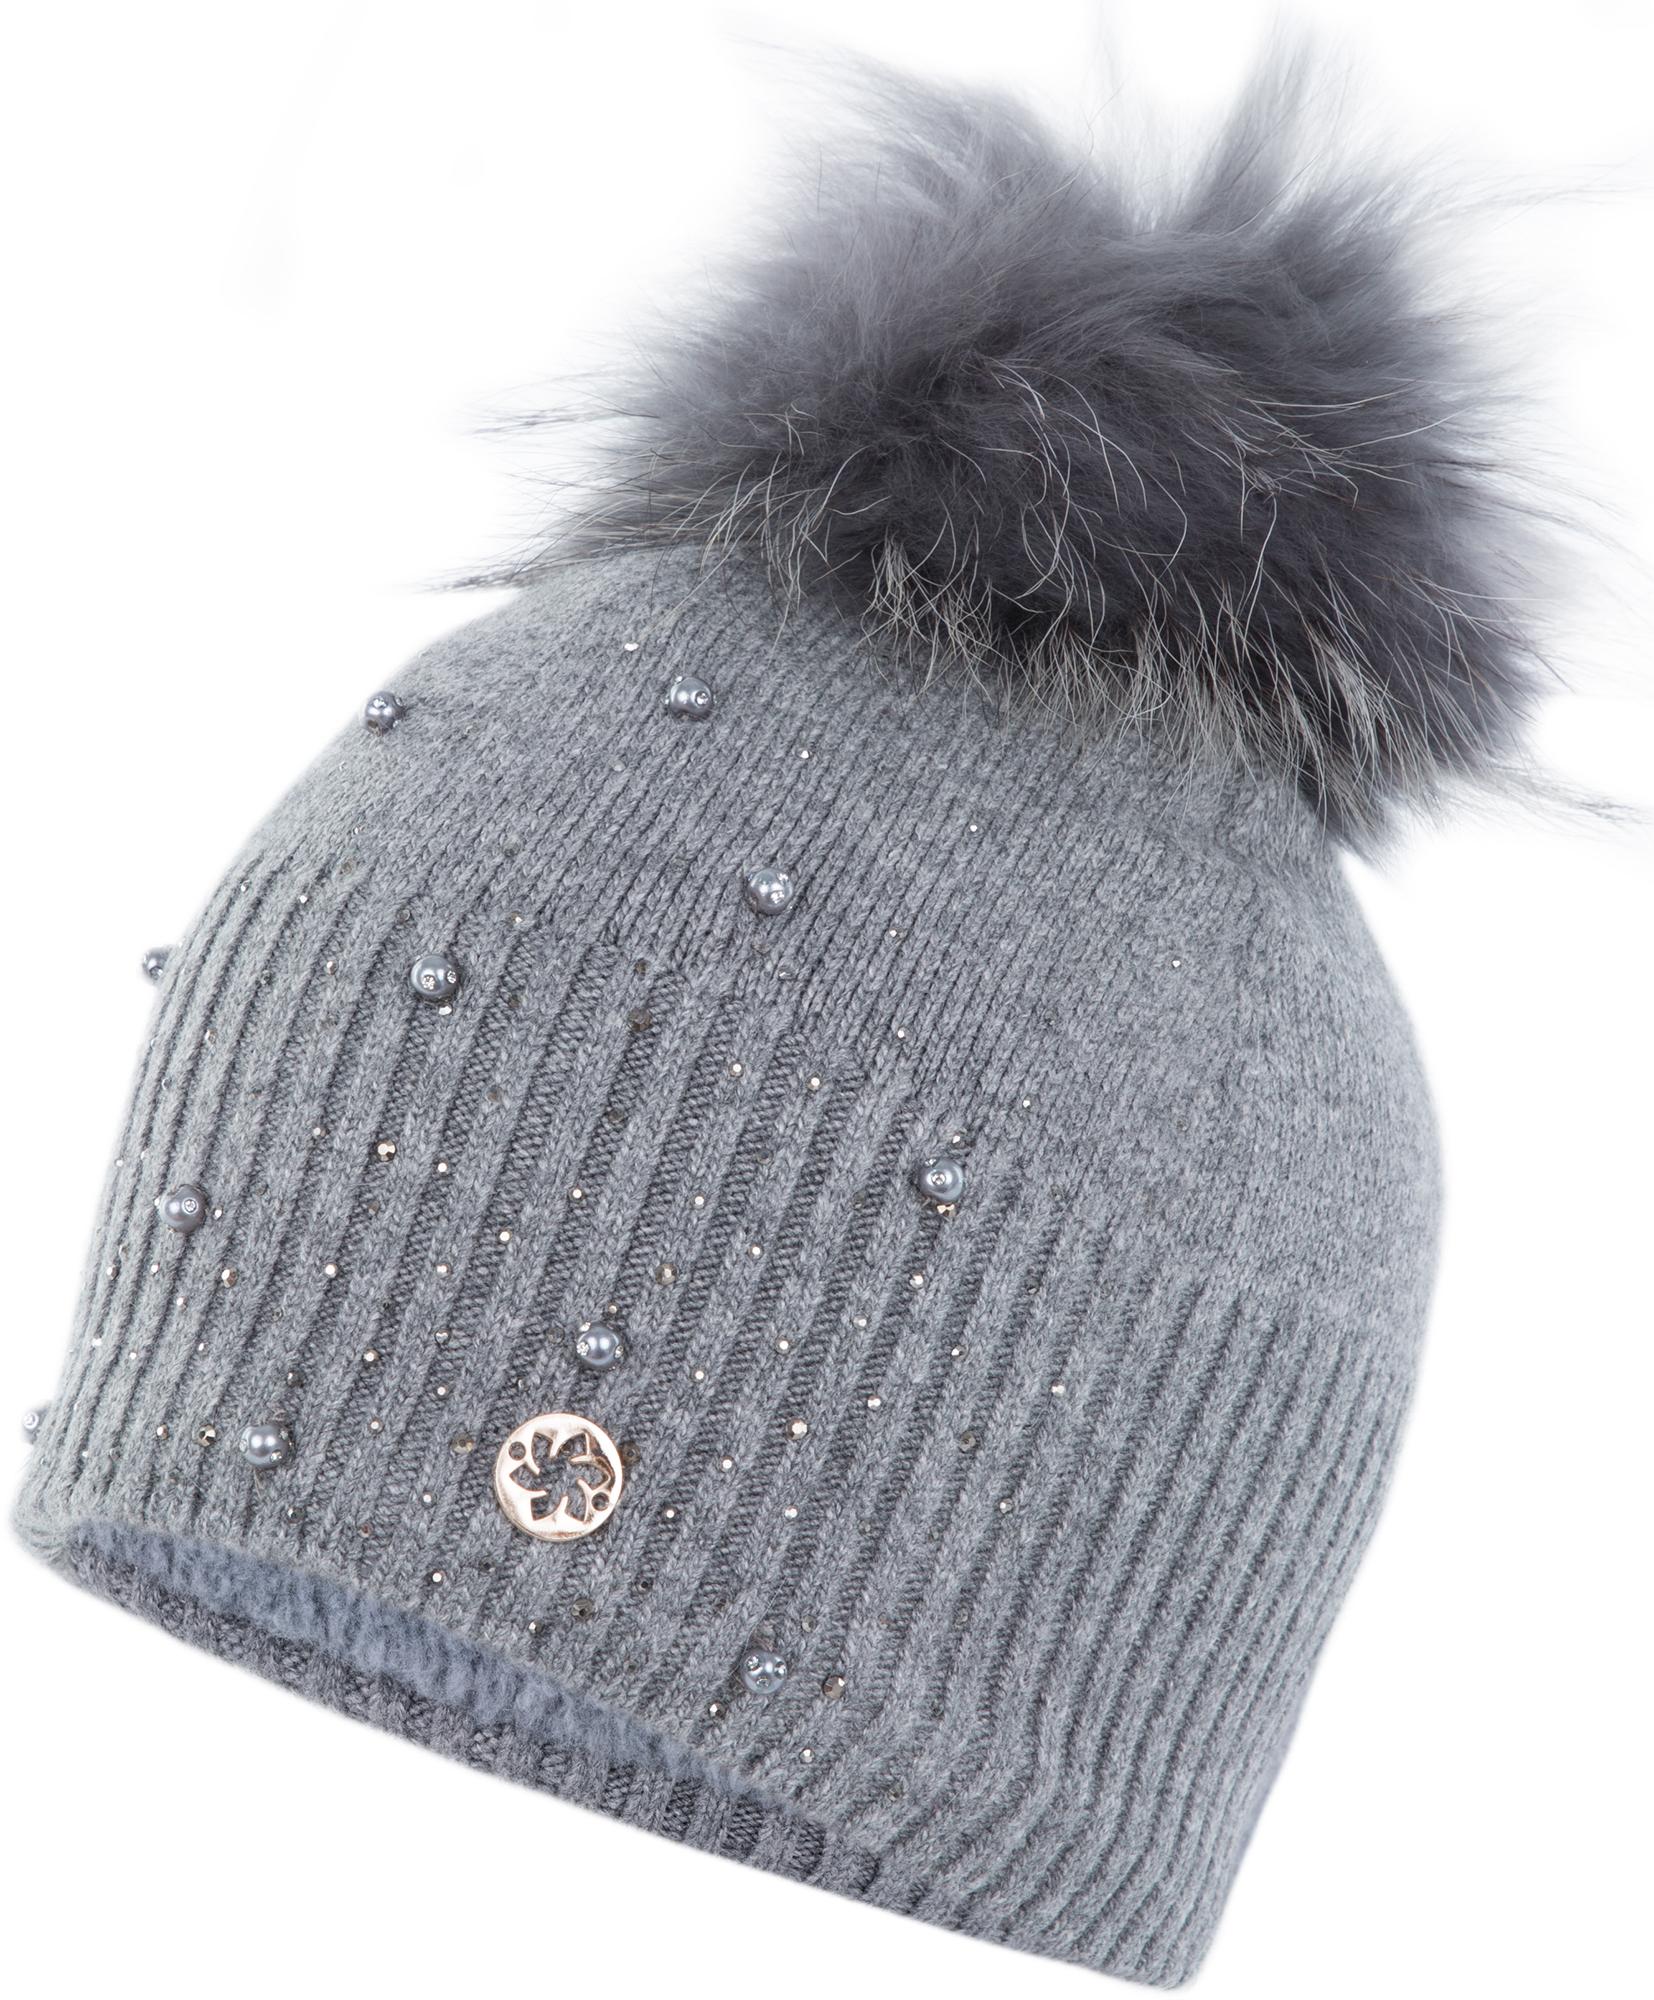 купить Granadilla Шапка женская Granadilla Moon Fur по цене 4999 рублей